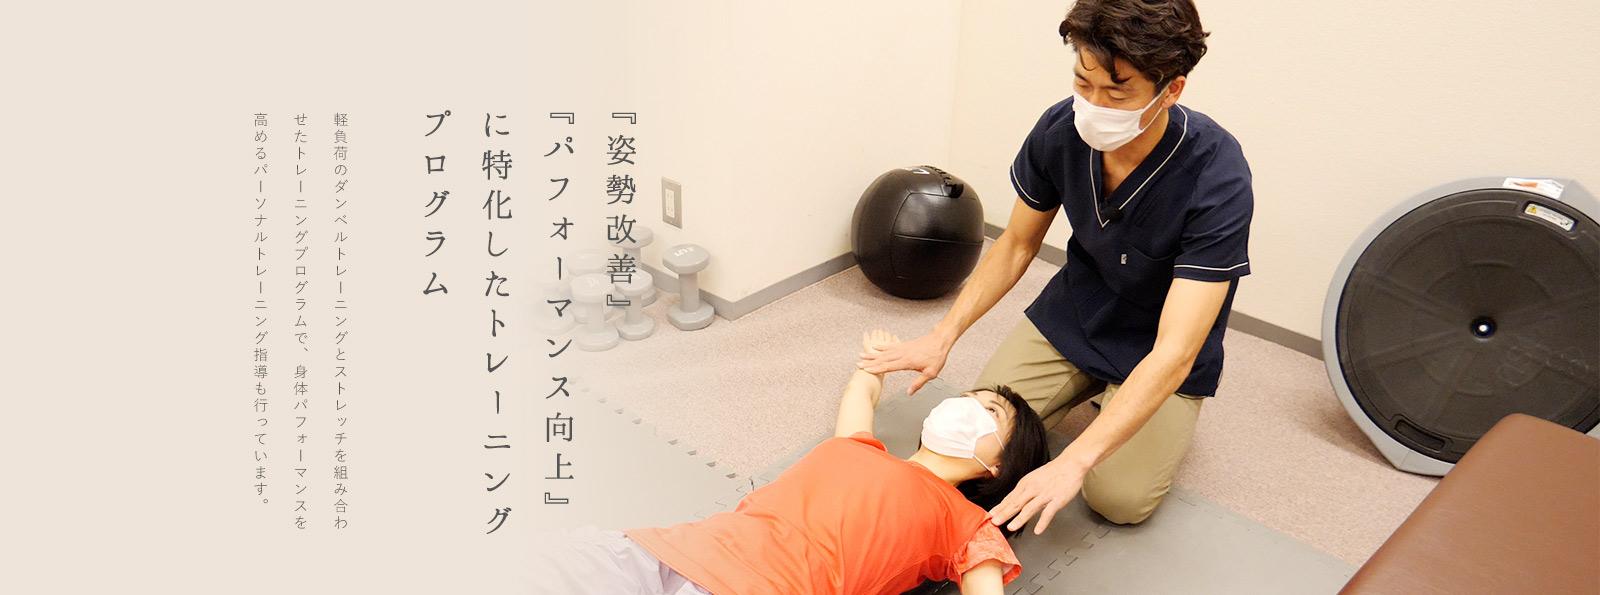 『姿勢改善』  『パフォーマンス向上』 に特化したトレーニング  プログラム